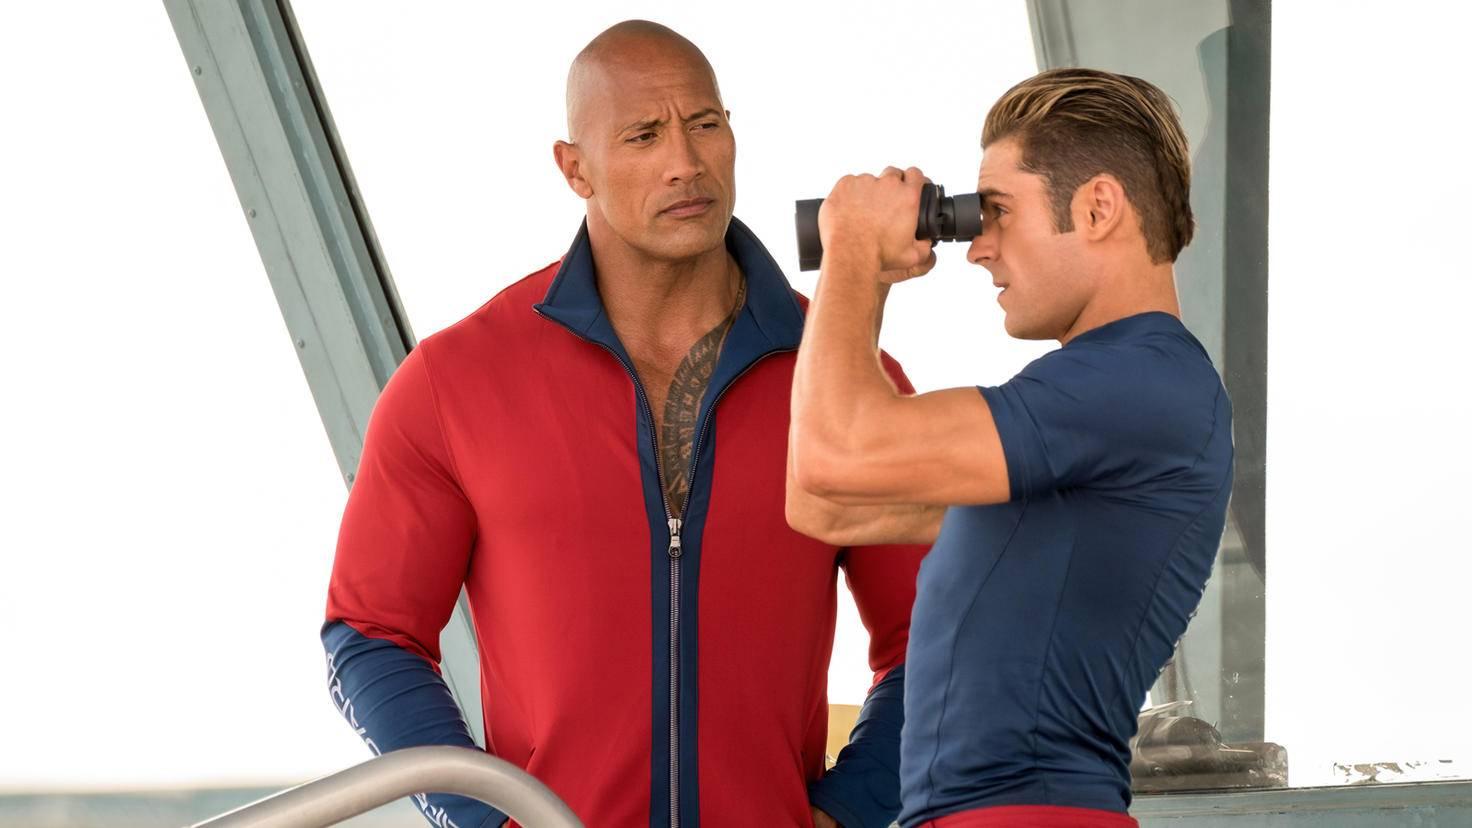 Neben der geballten Muskelpower von Dwayne Johnson (links) und Zac Efron (rechts) ...